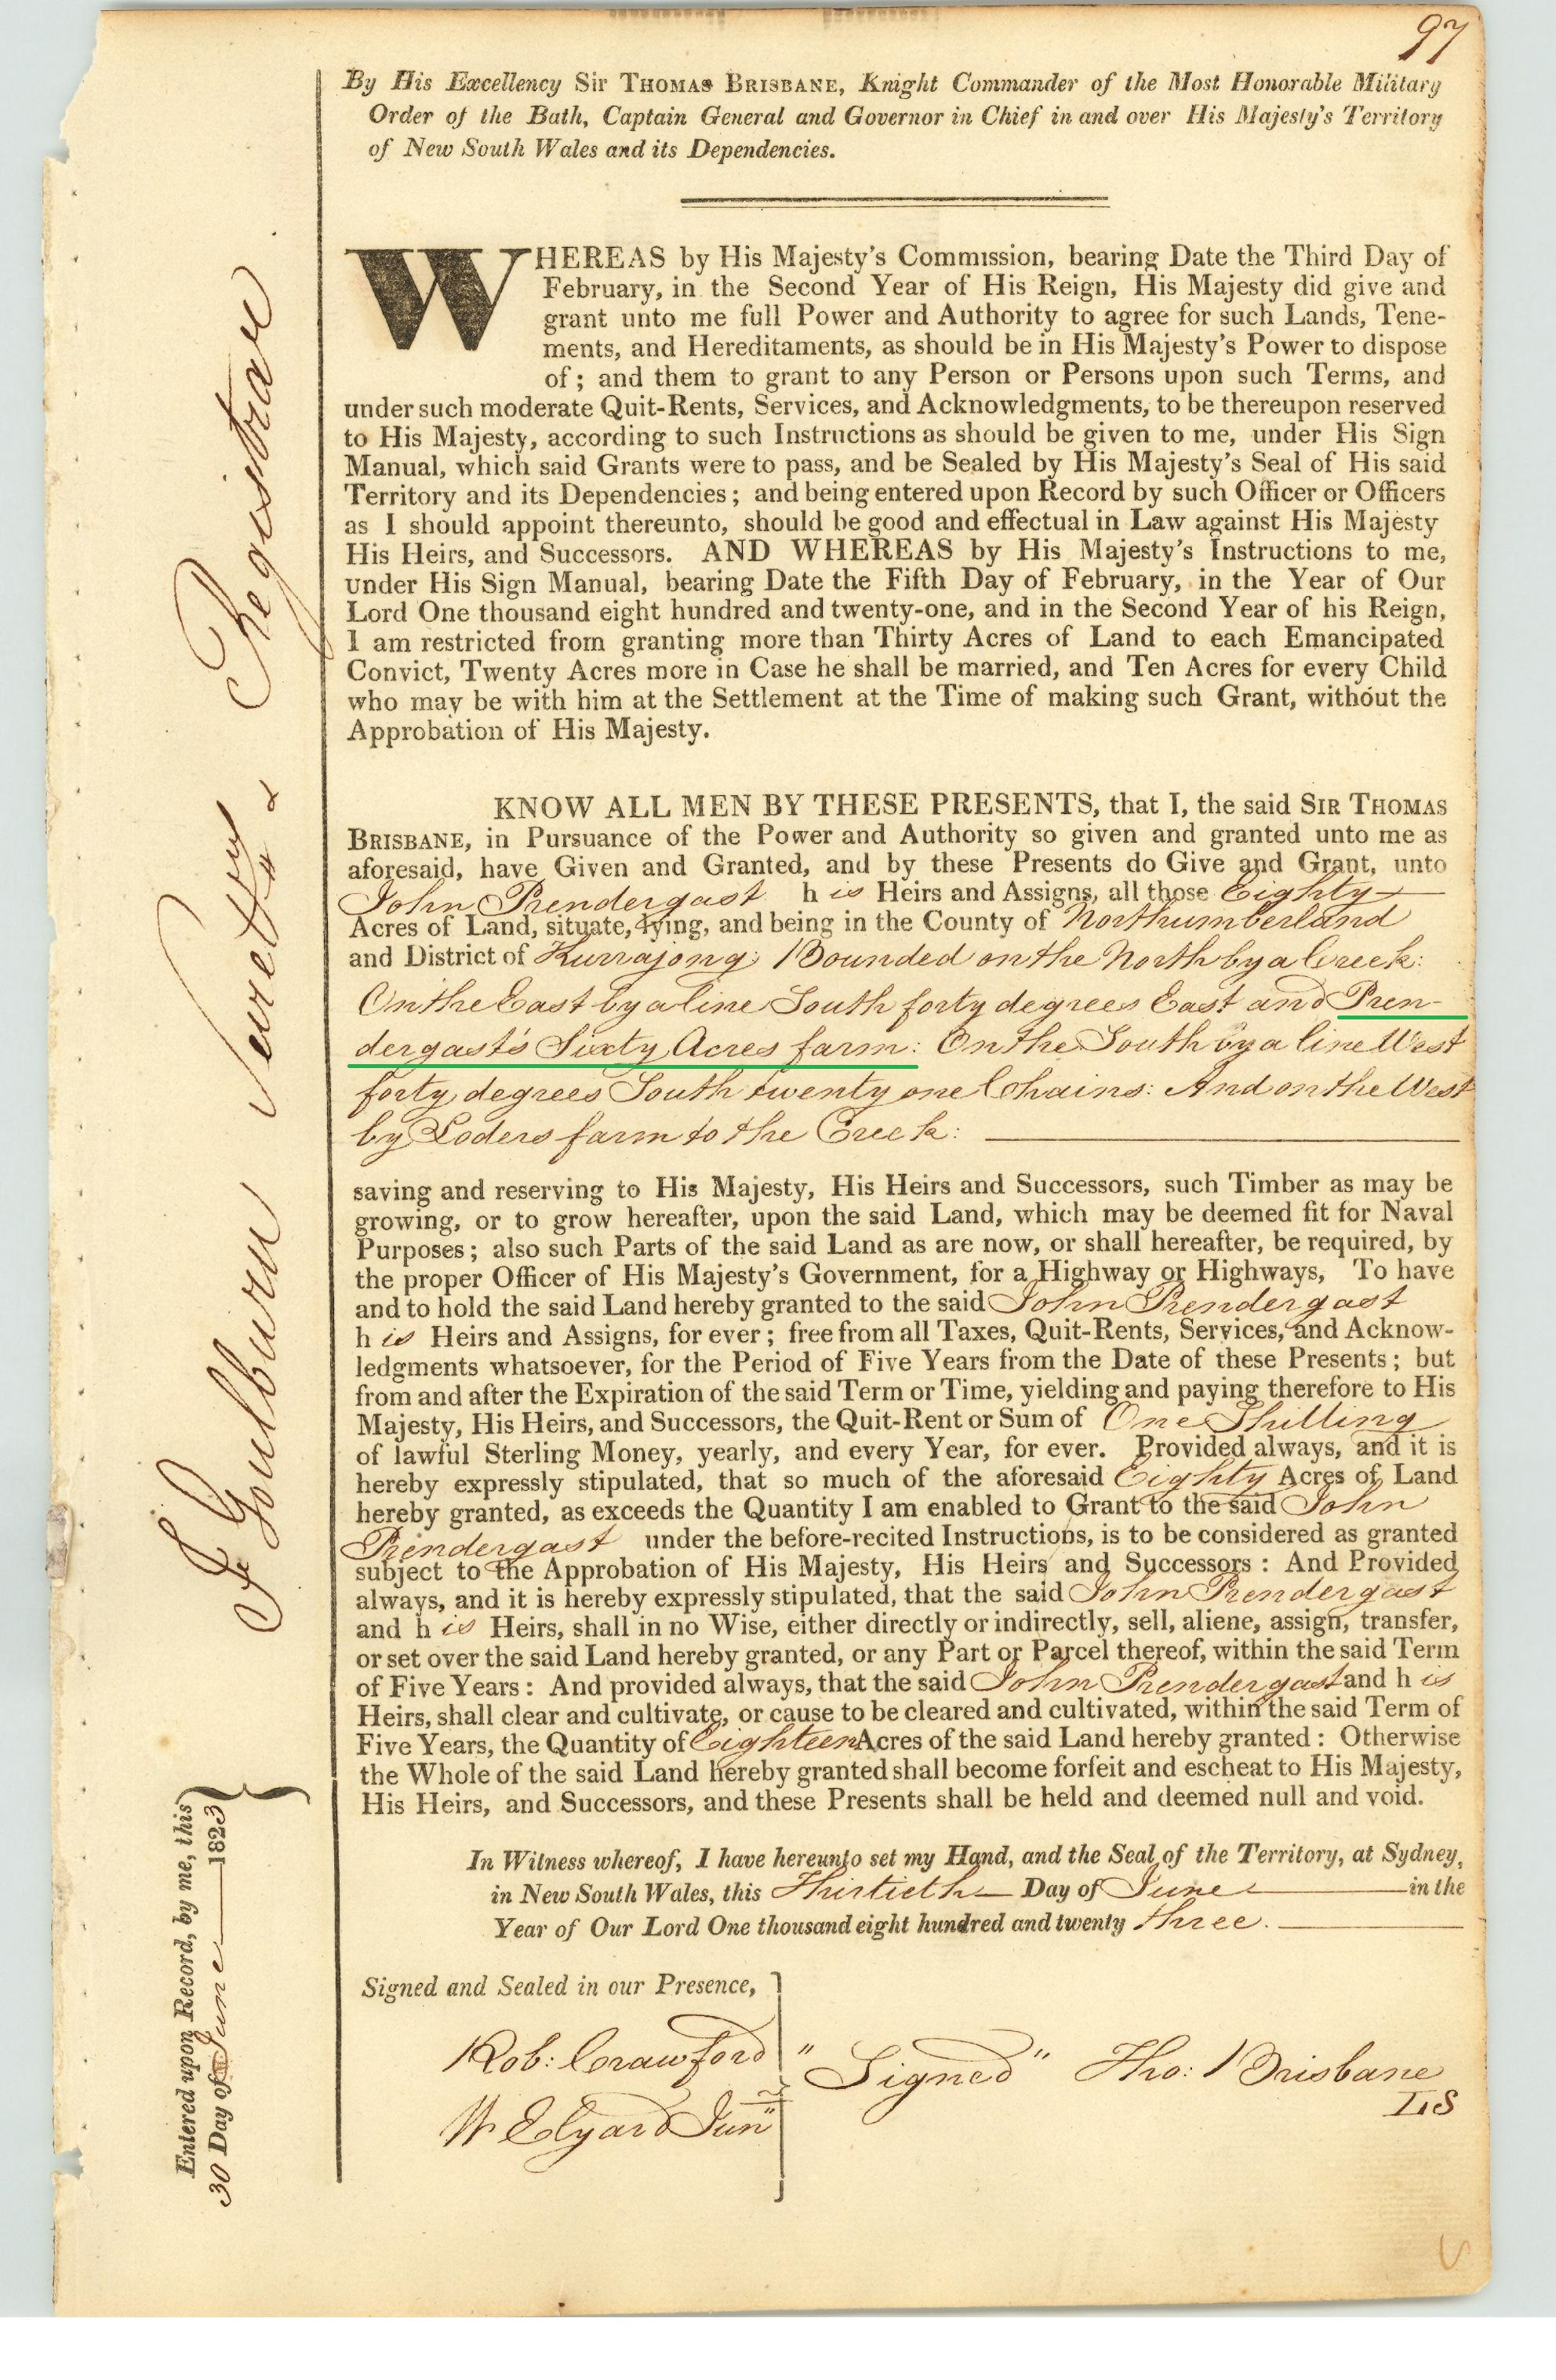 John Prendergast land register